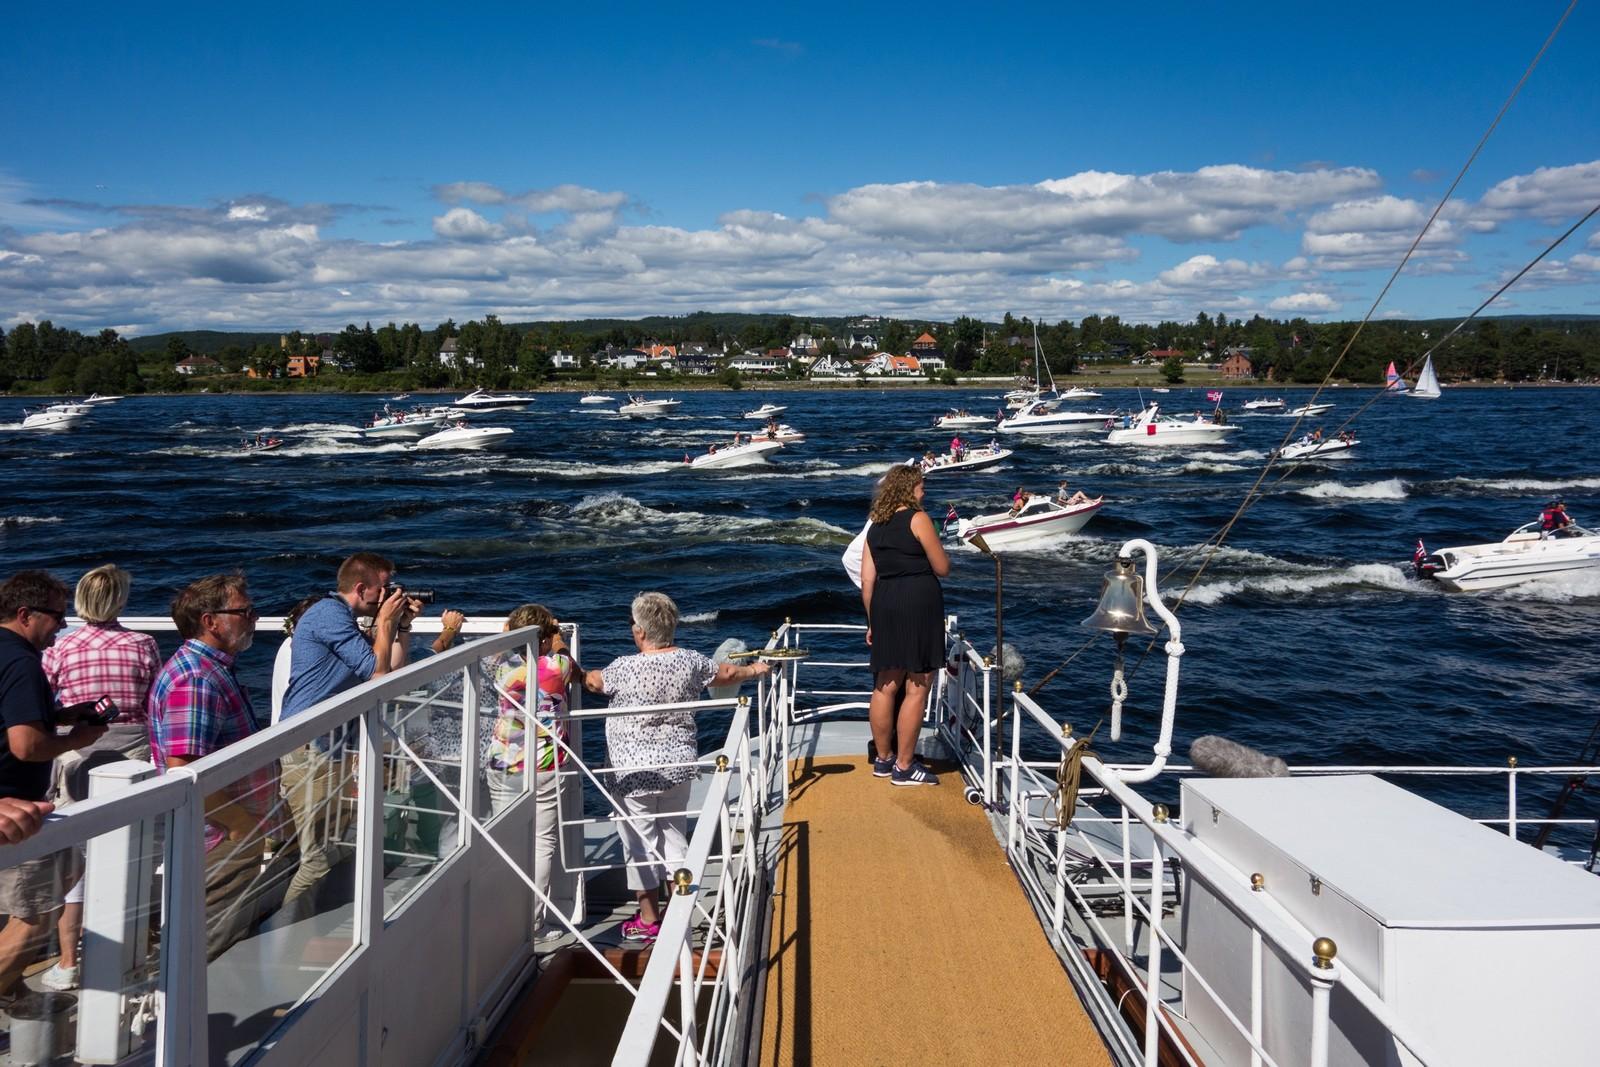 Programleder, Helle Therese Kongsrud nyter utsikten av småbåter.